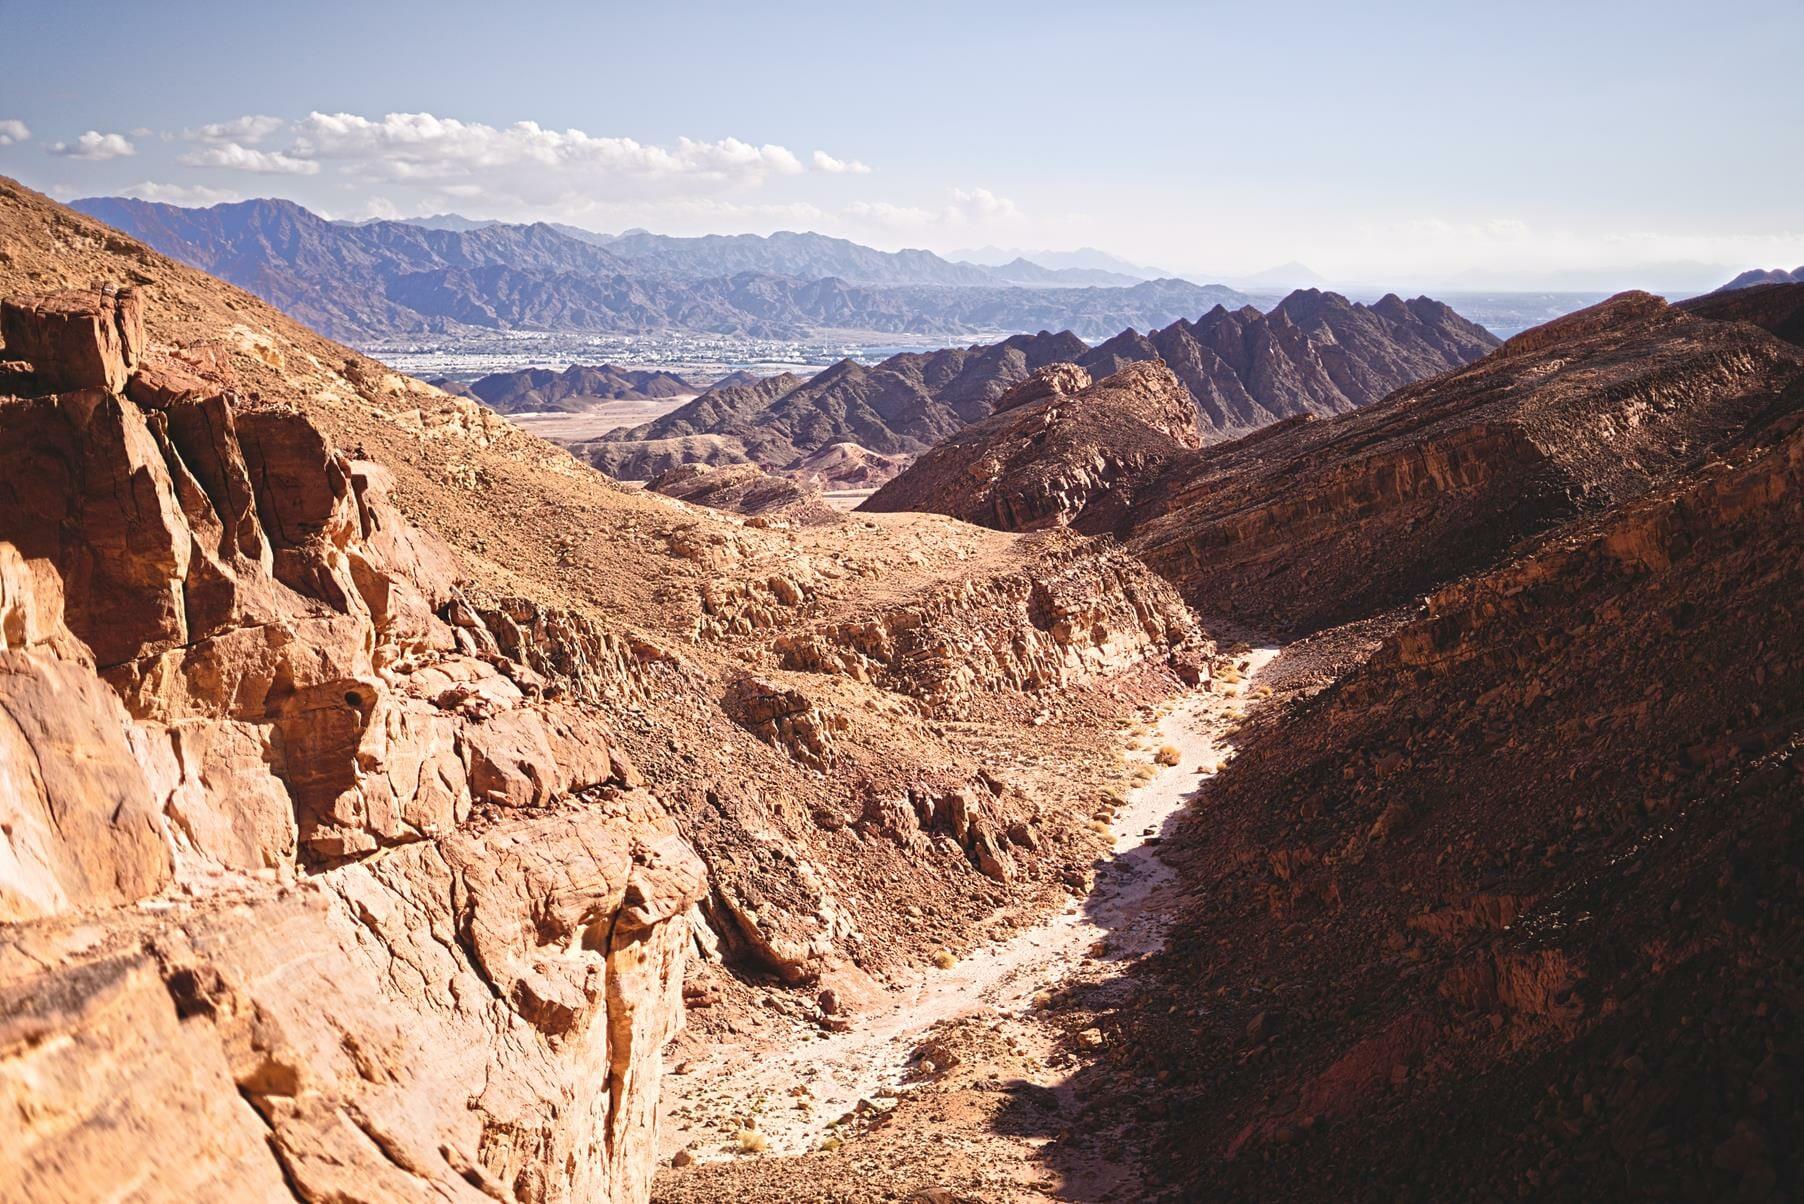 נחל אמיר, טרק מיטיבי לכת בהרי אילת, צילום: יוסי אביטל